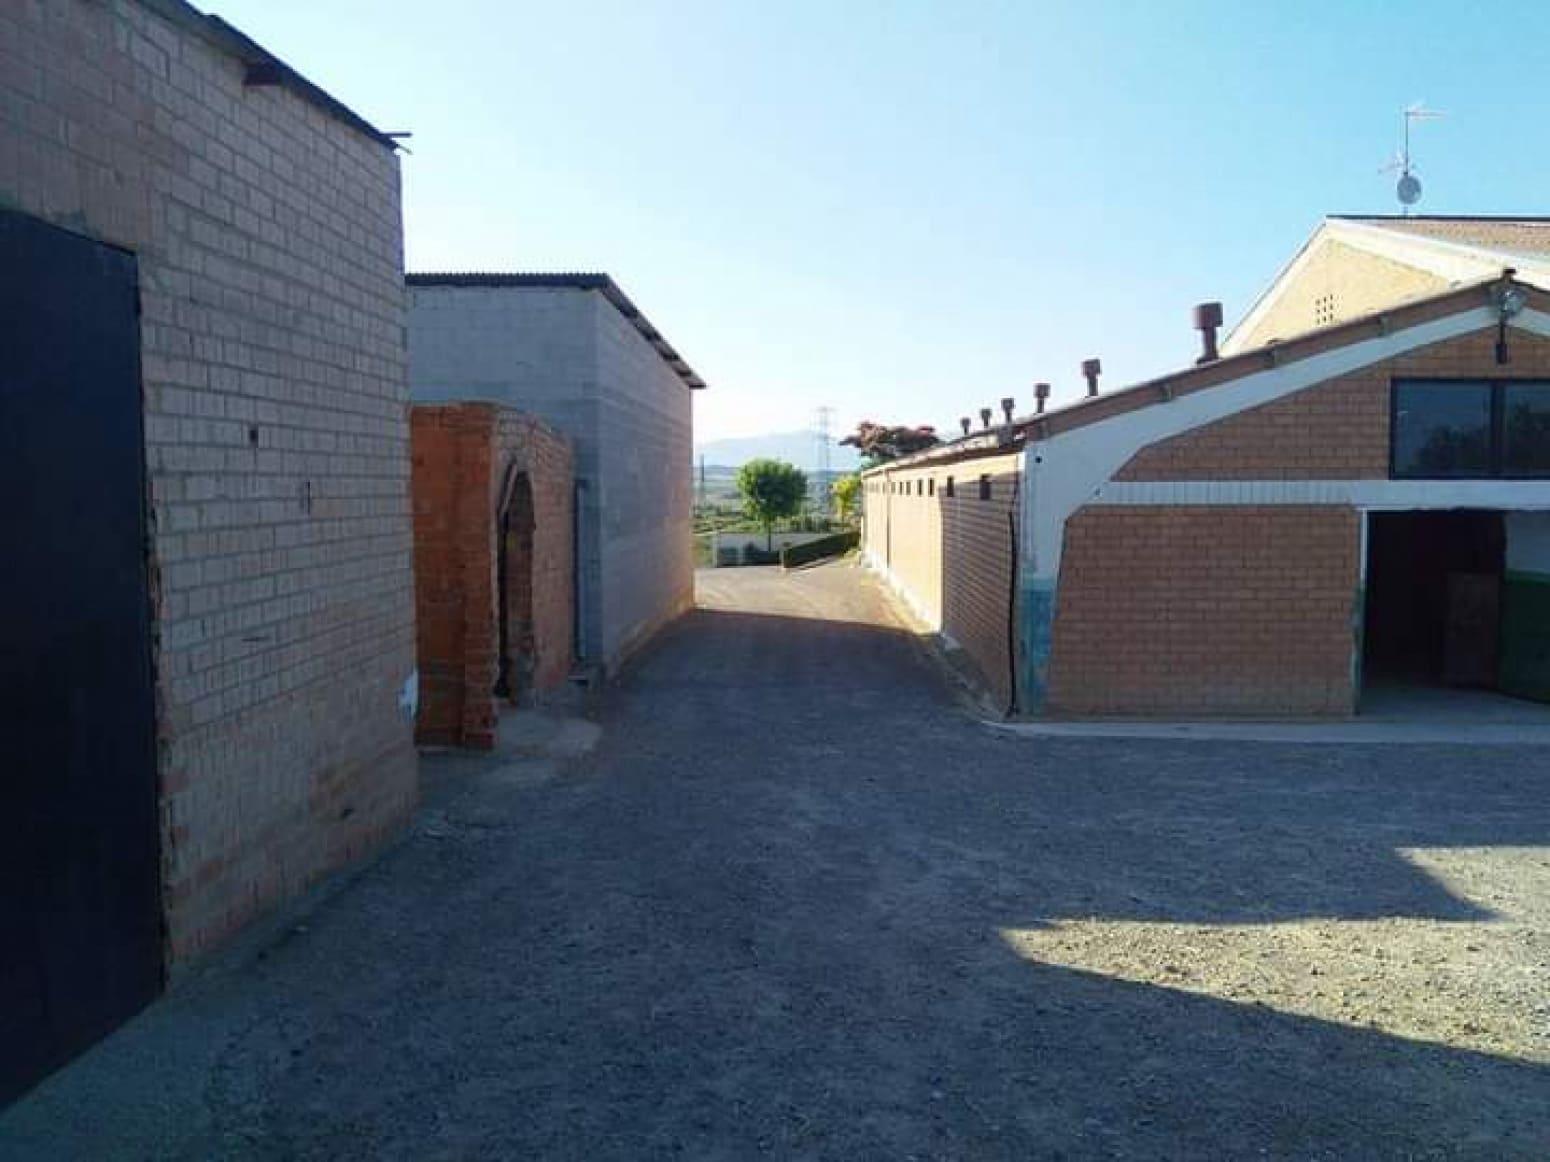 Działka budowlana na sprzedaż w Lardero - 500 000 € (Ref: 5720953)